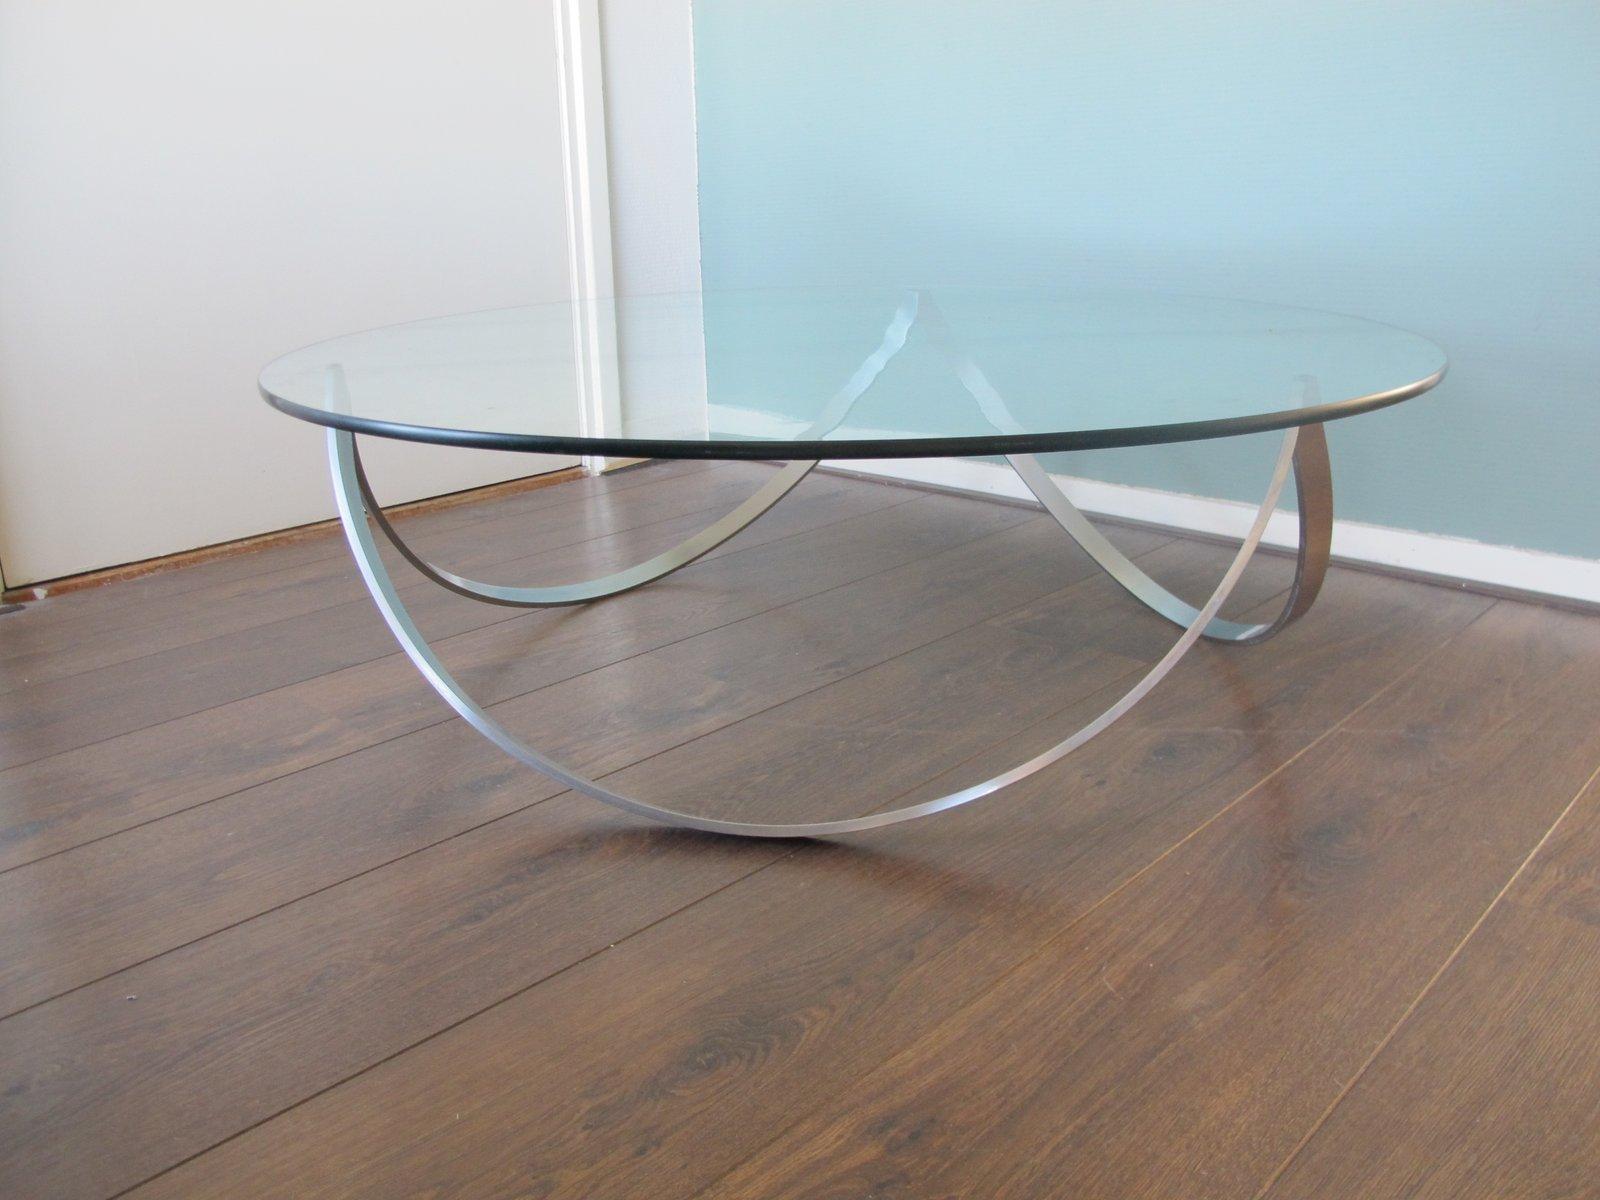 Tavolino da caffè in vetro e acciaio, anni \'60 in vendita su Pamono